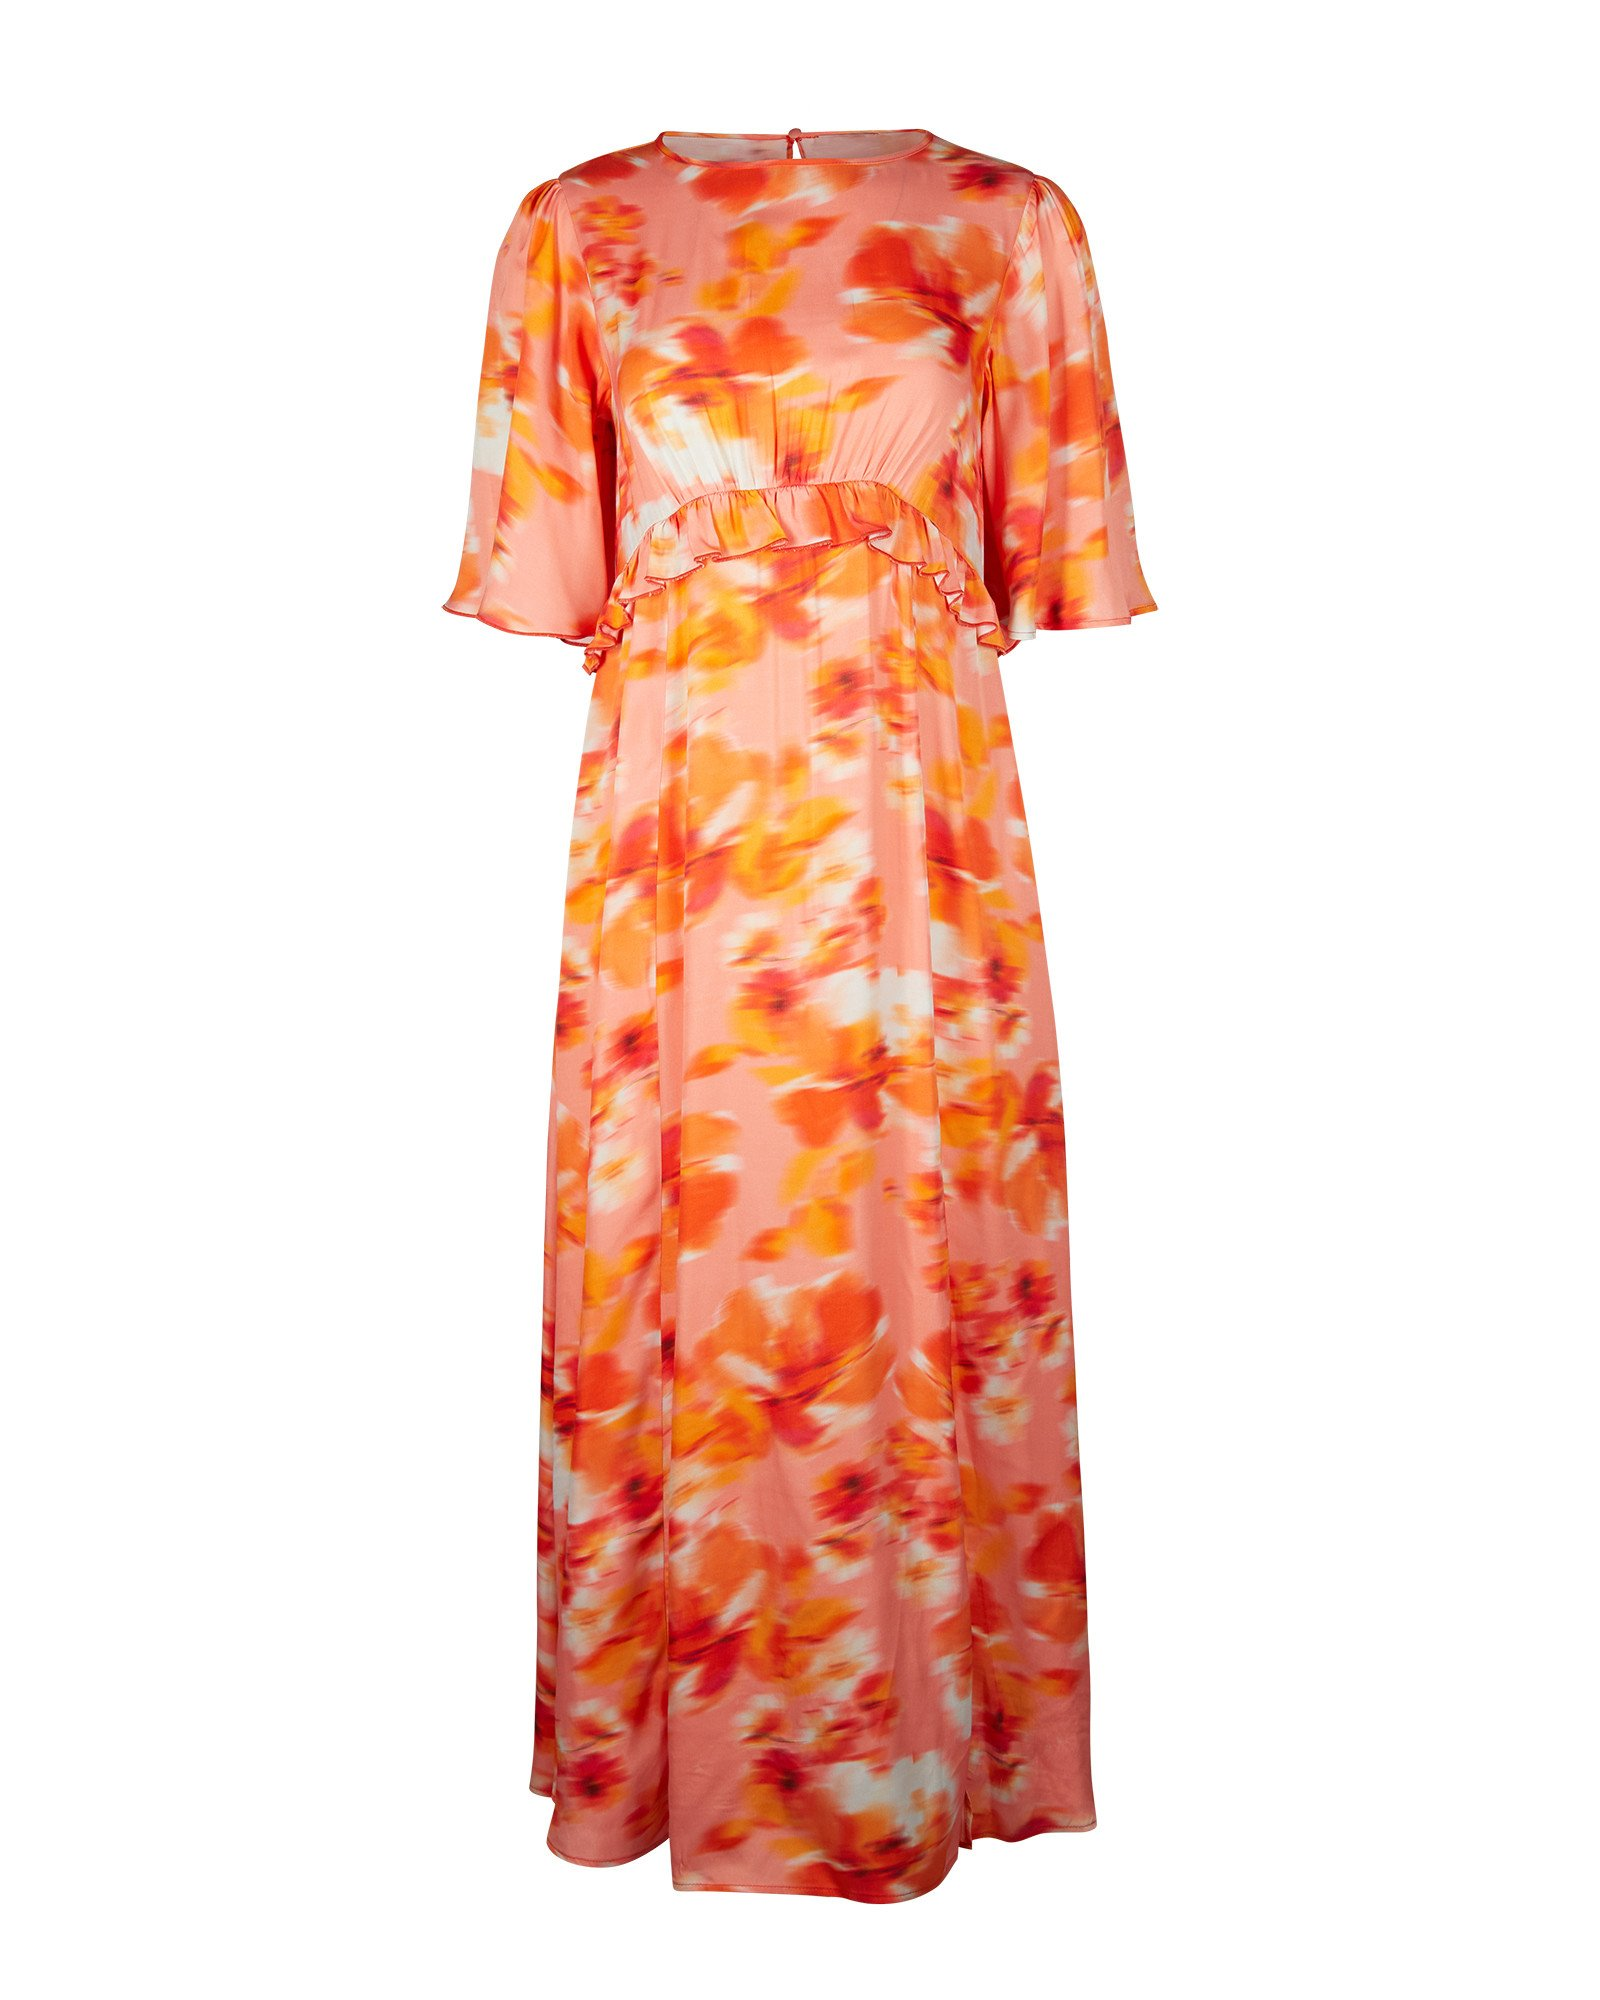 Blurred Floral Orange Satin Midi Dress